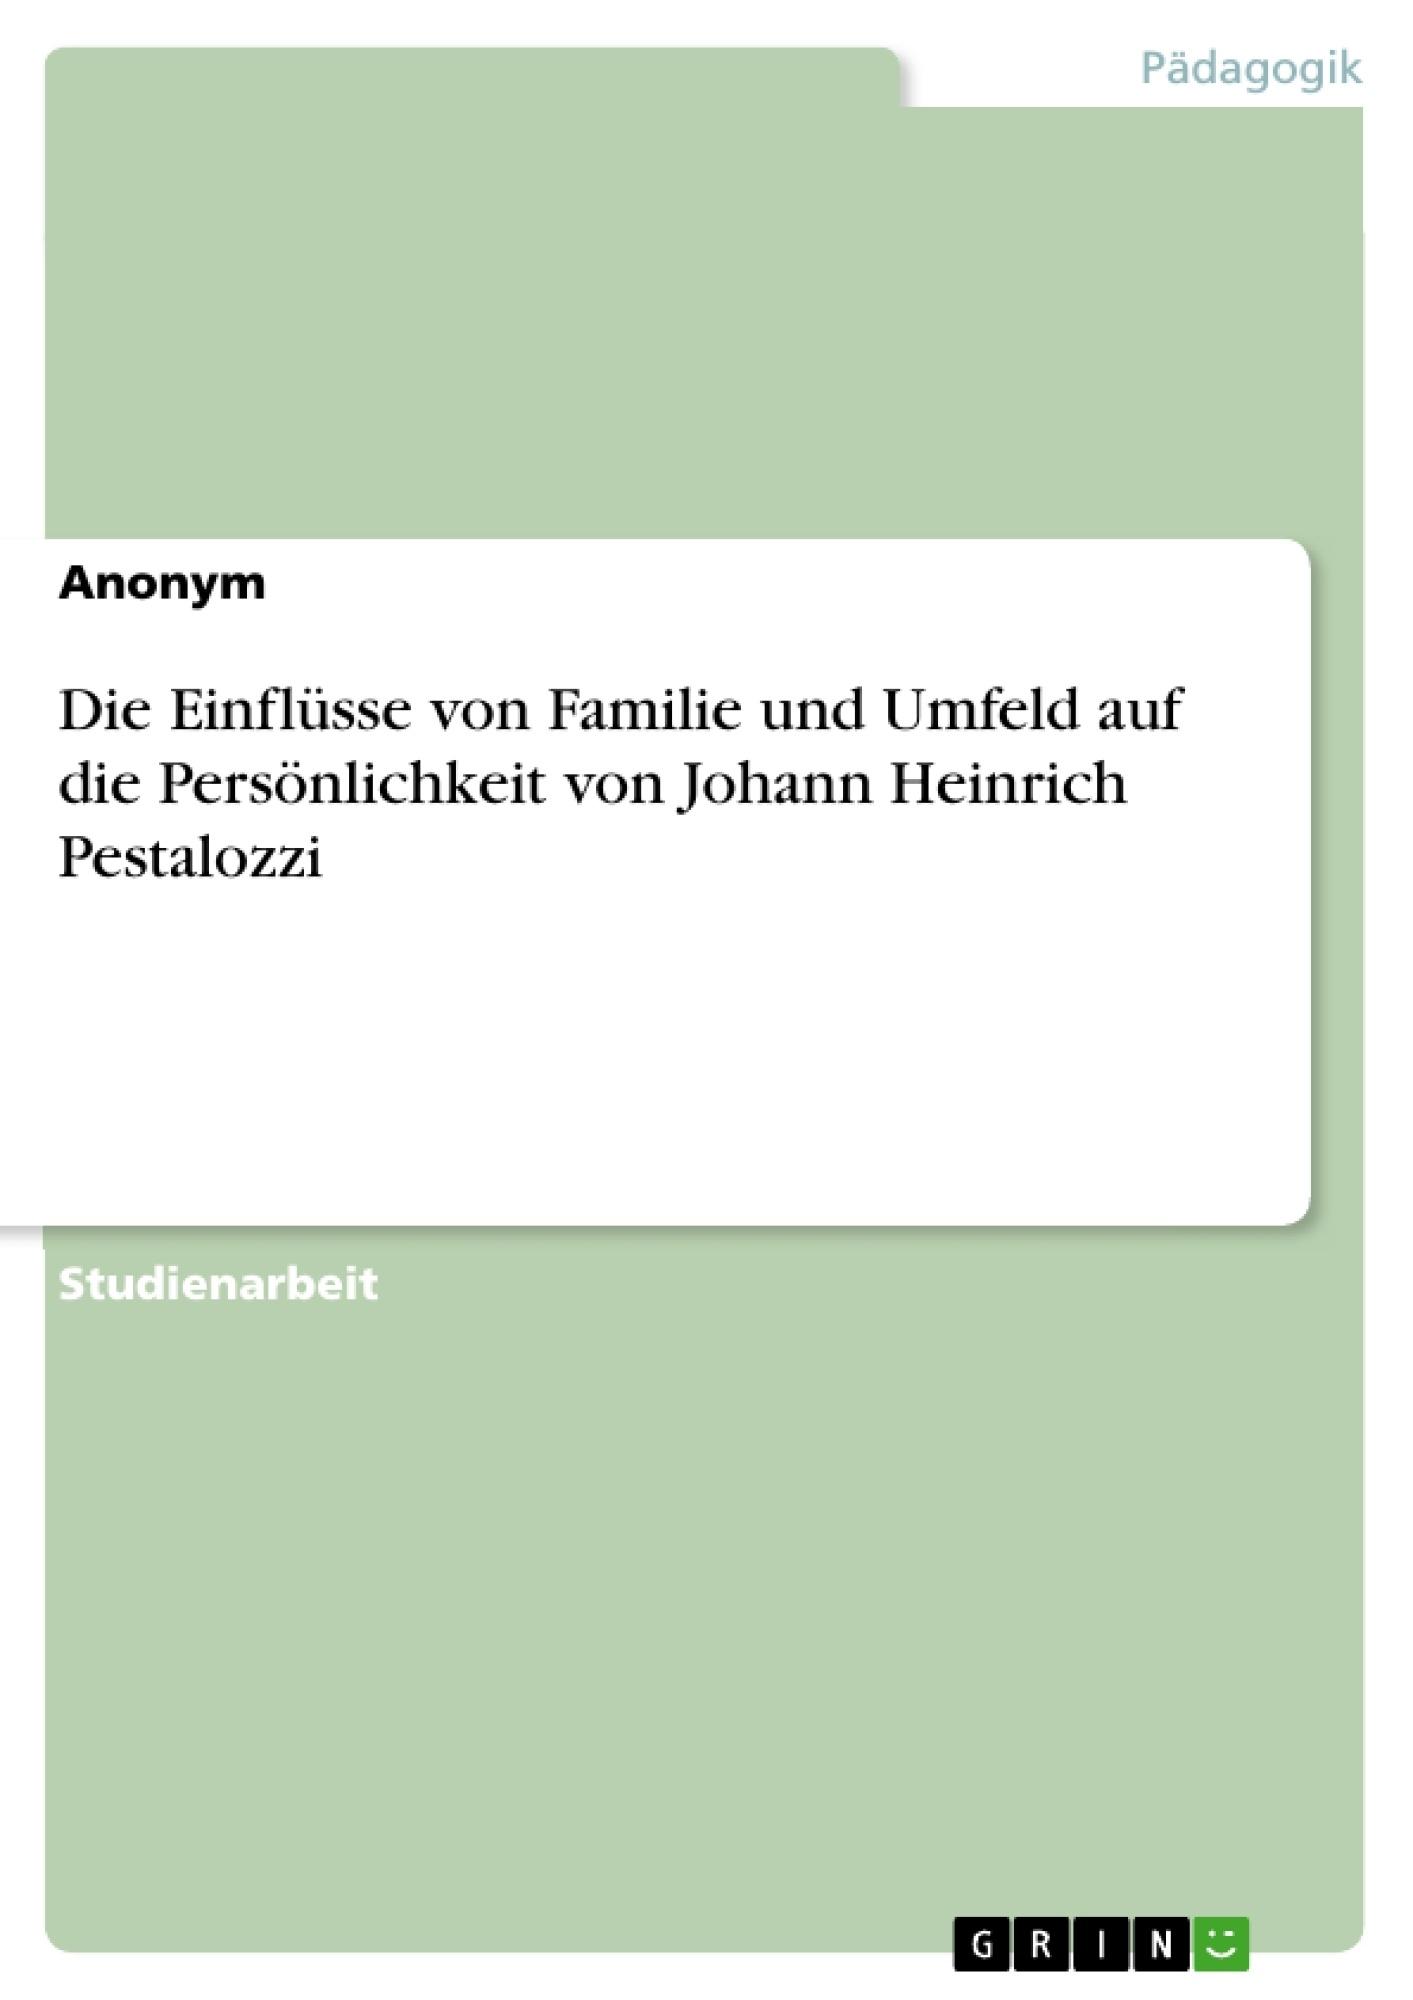 Titel: Die Einflüsse von Familie und Umfeld auf die Persönlichkeit von Johann Heinrich Pestalozzi